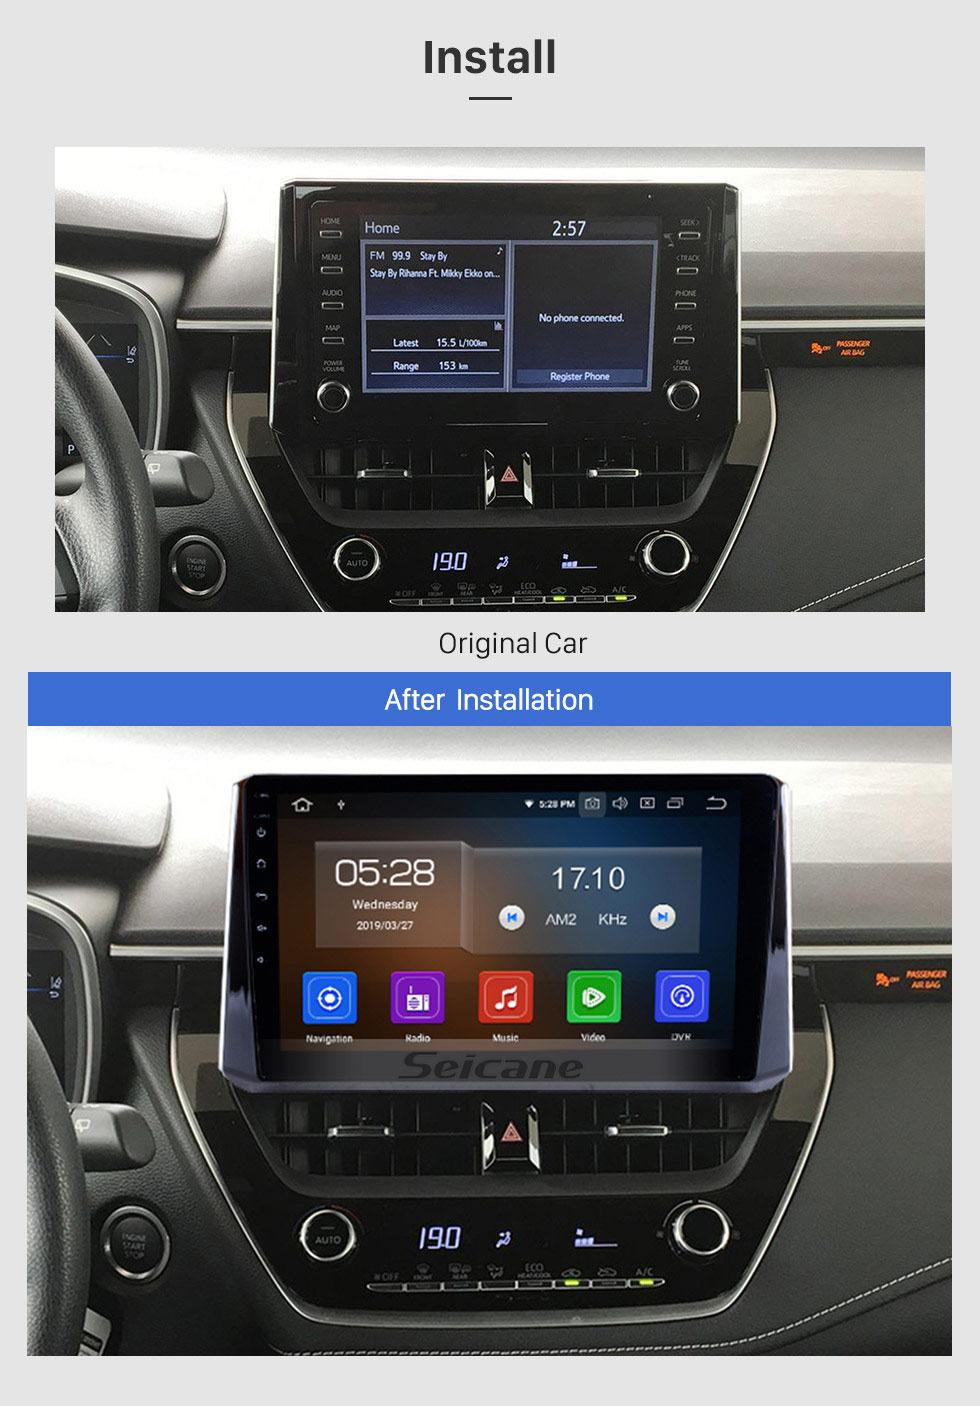 Seicane 10,1-дюймовый Android 9.0 2019 Toyota Corolla GPS-навигационная система Поддержка радио IPS Full Screen 3G WiFi Bluetooth OBD2 Управление рулевым колесом